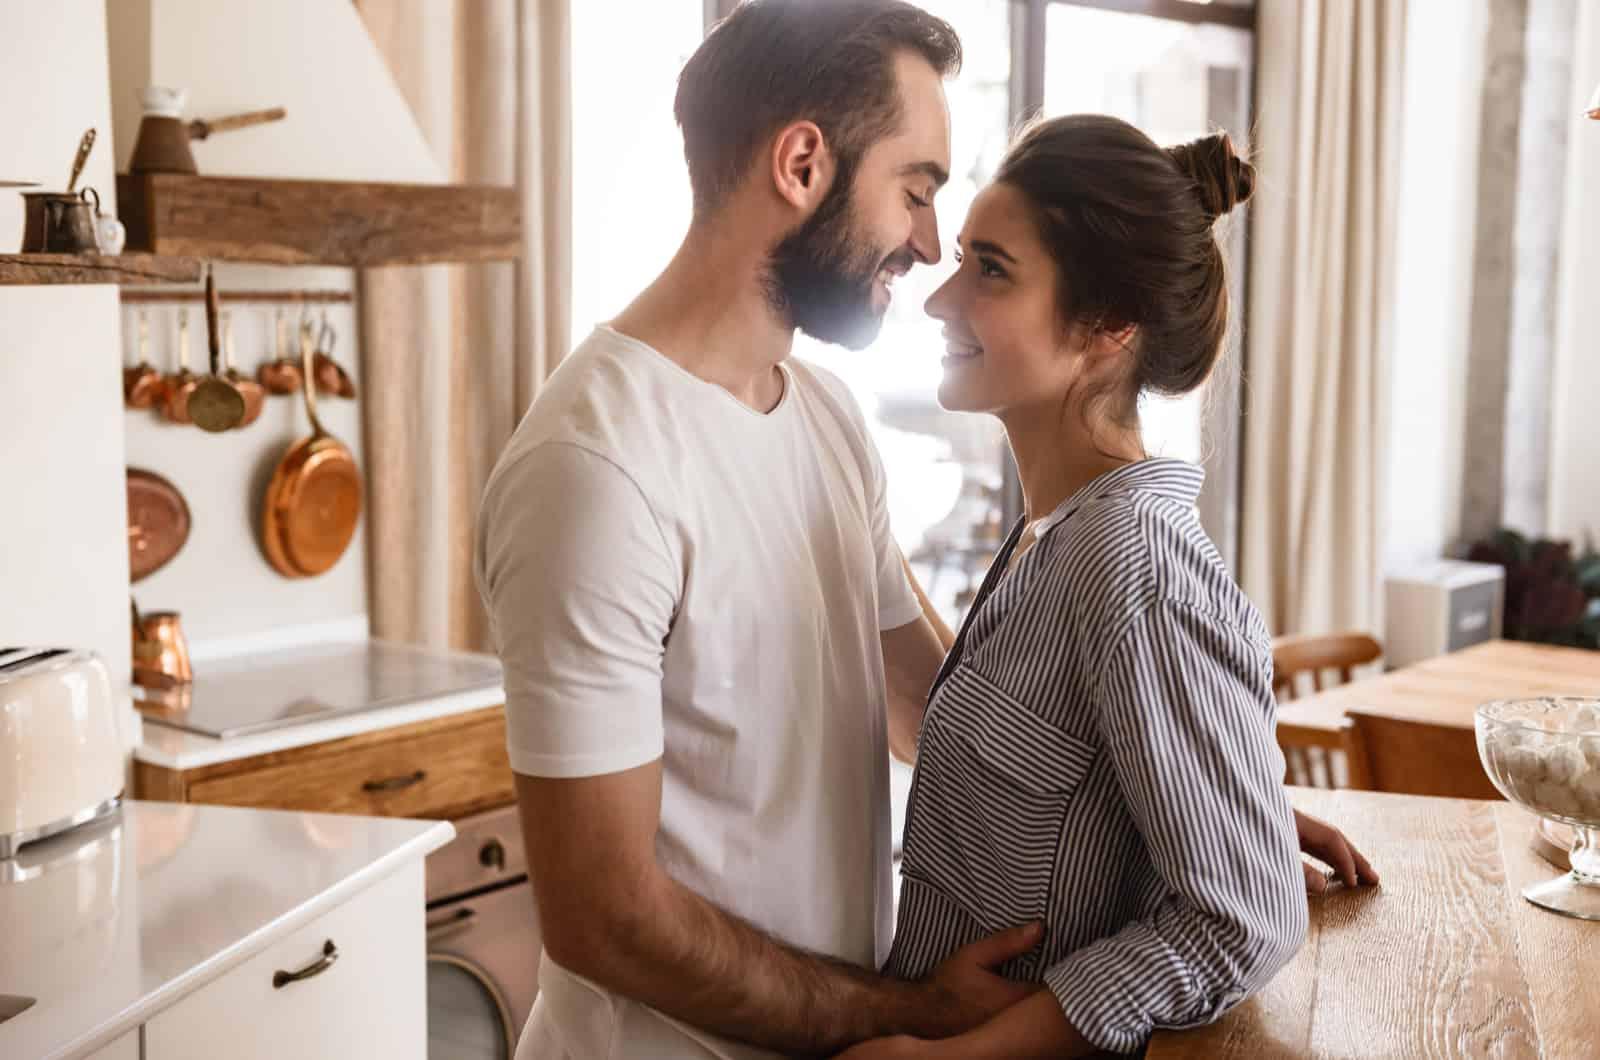 Paar umarmt sich in der Küche